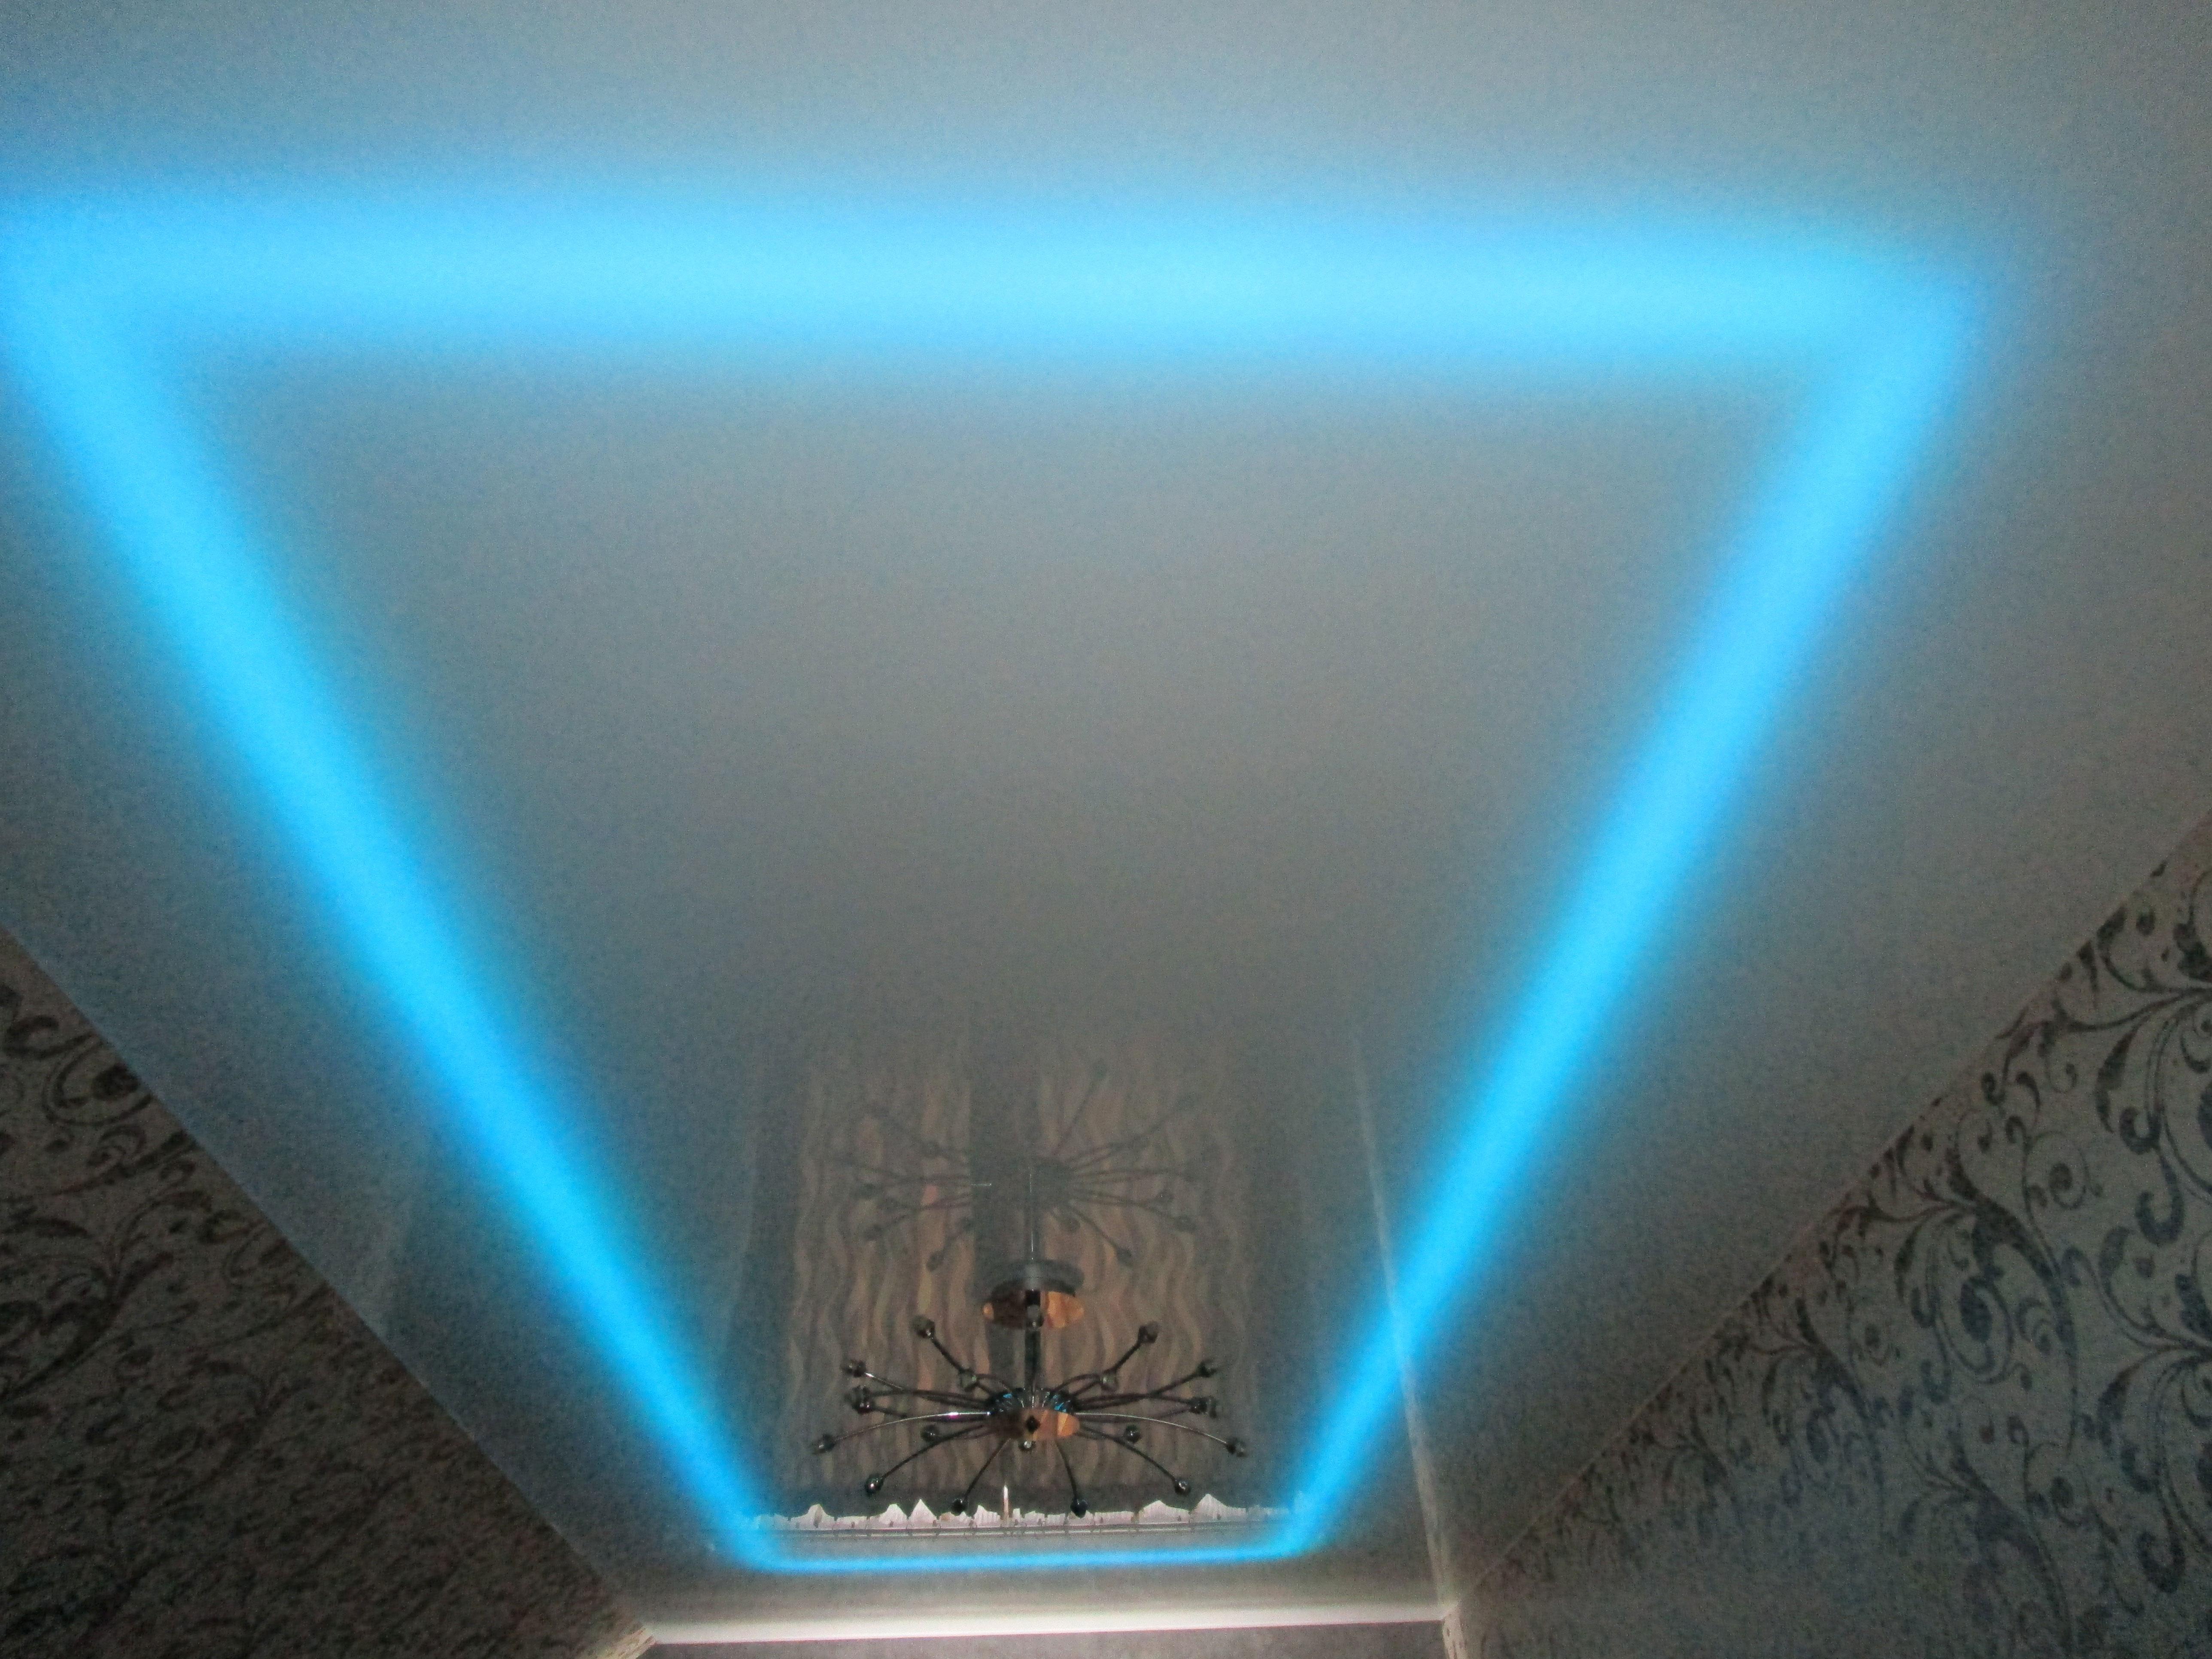 фото навесных потолков со светодиодной подсветкой метод все еще